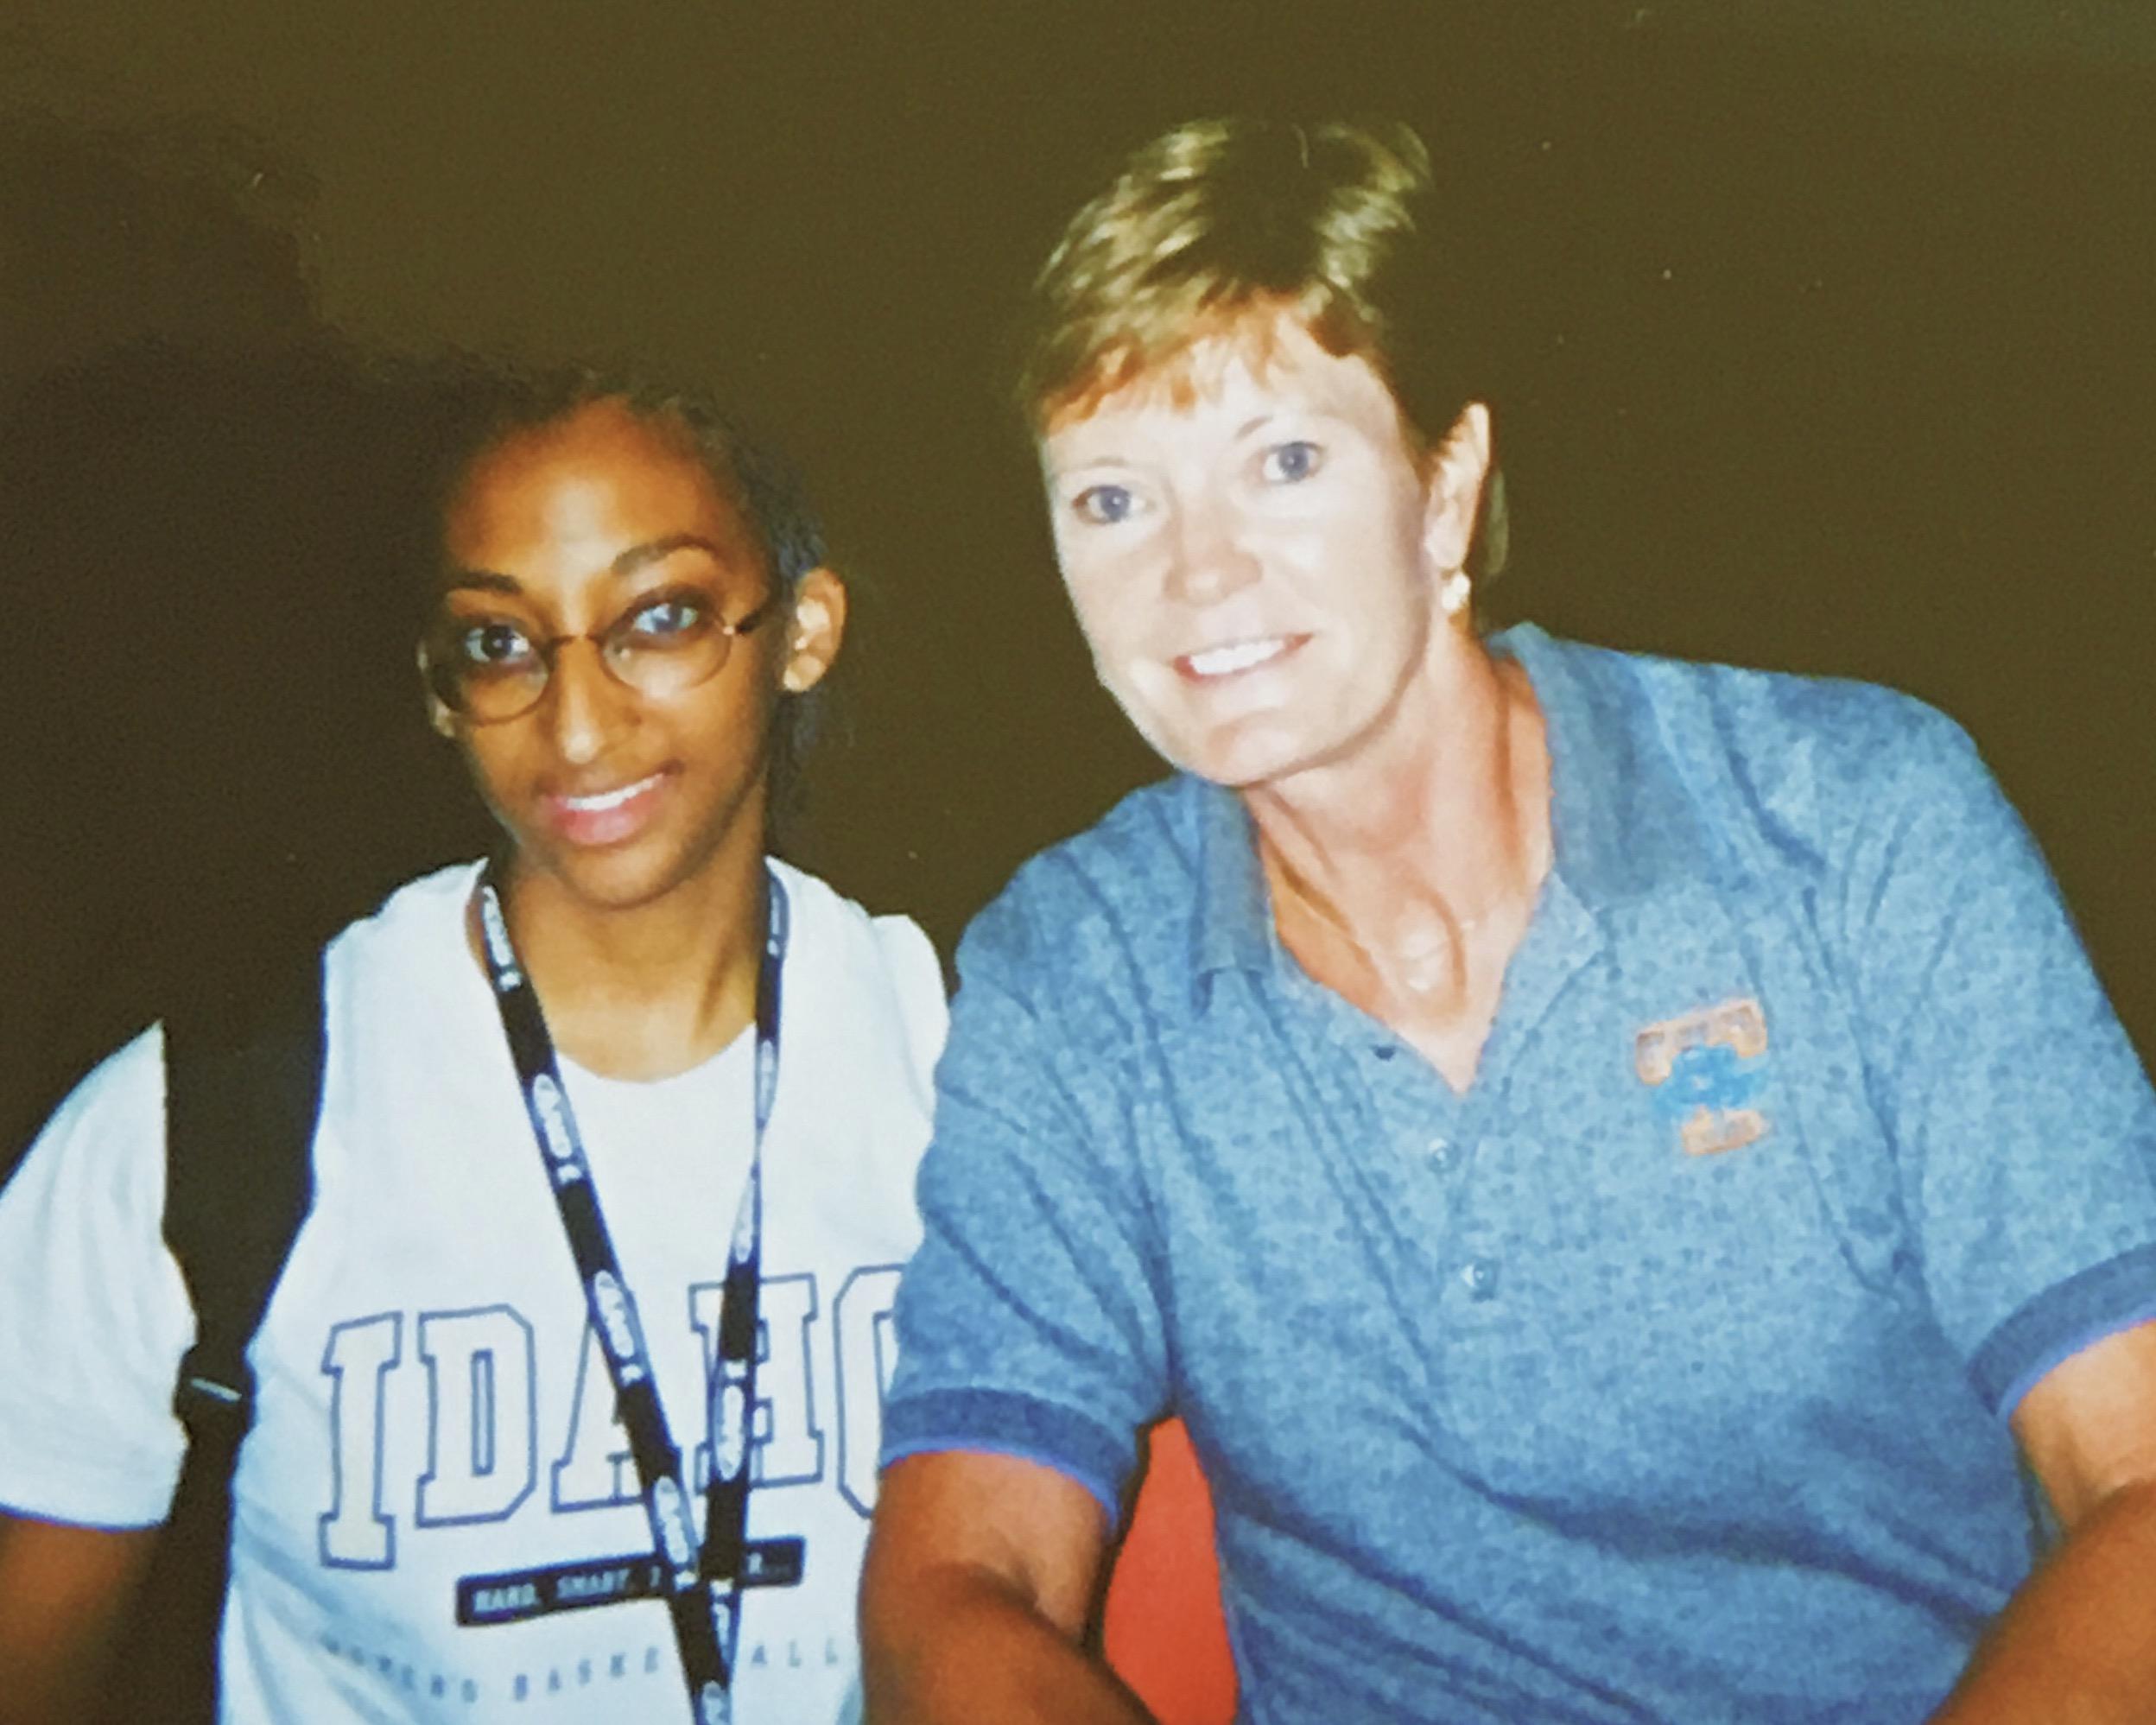 8th grade summer meeting the GOAT, Coach Pat Summitt